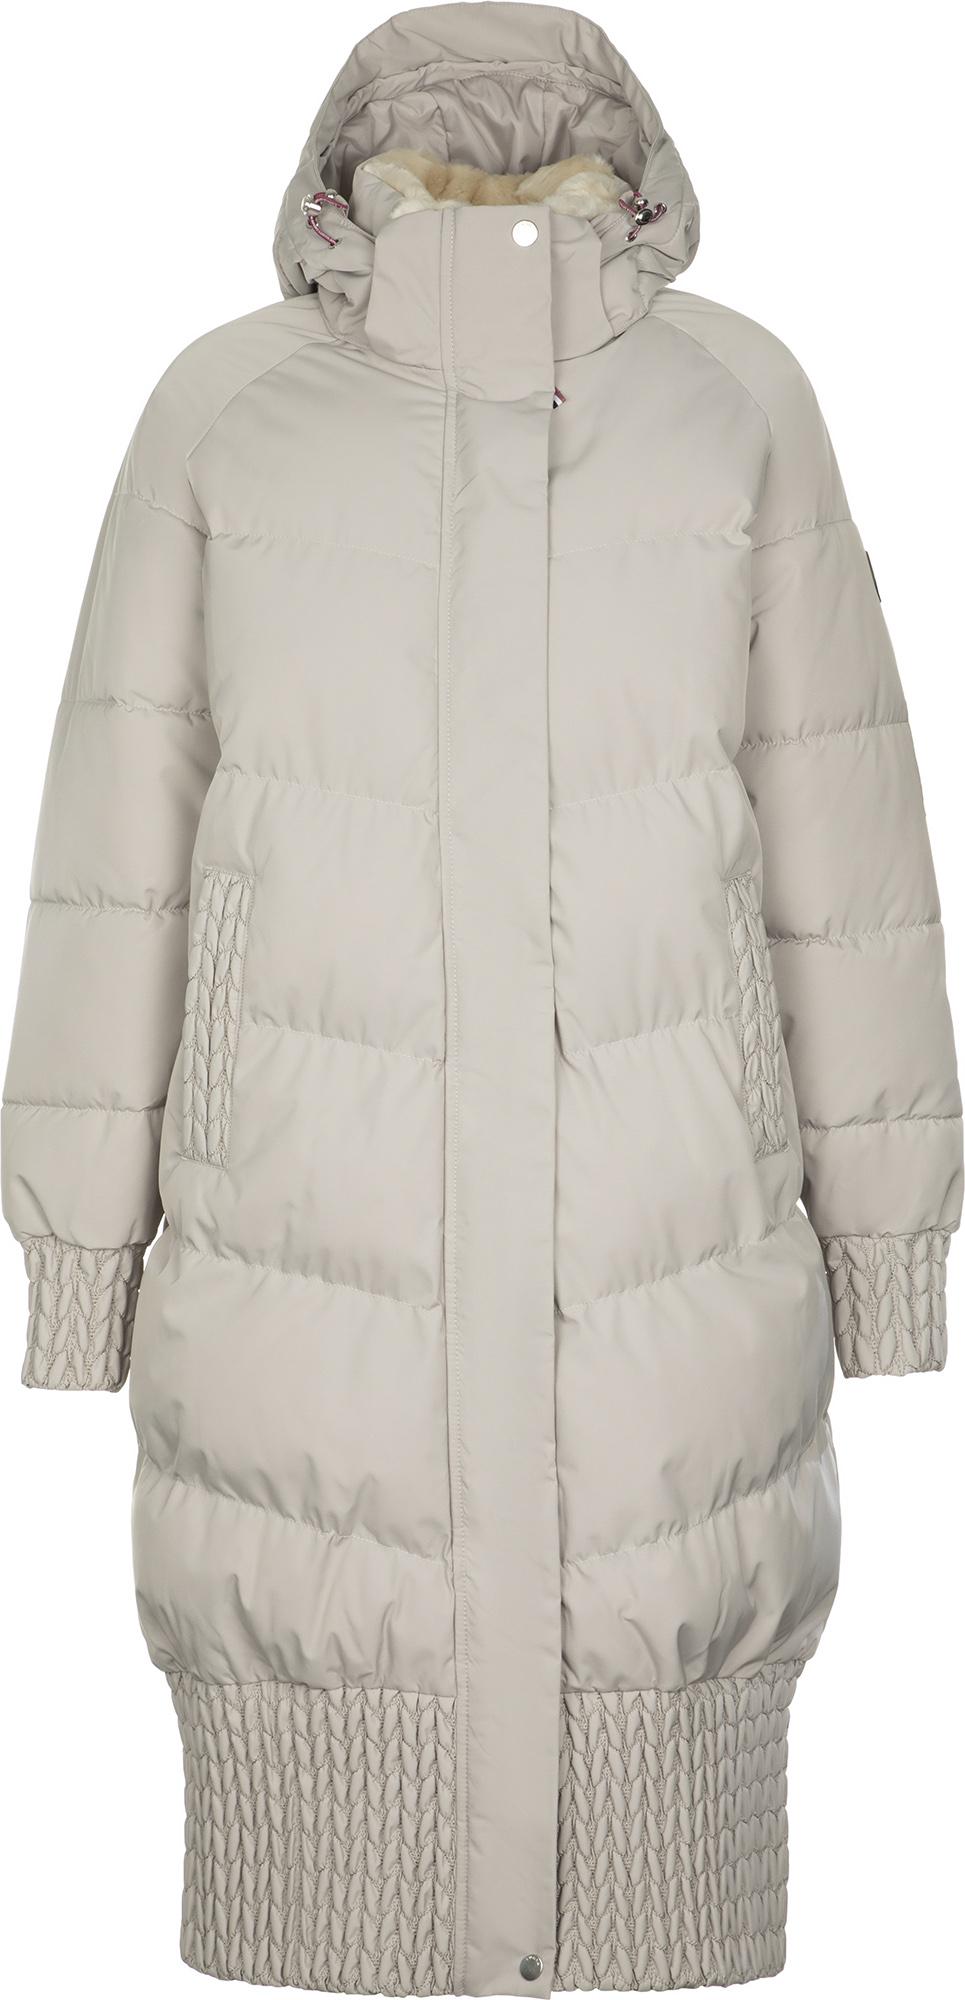 Luhta Пальто утепленное женское Luhta Ehtamo, размер 44